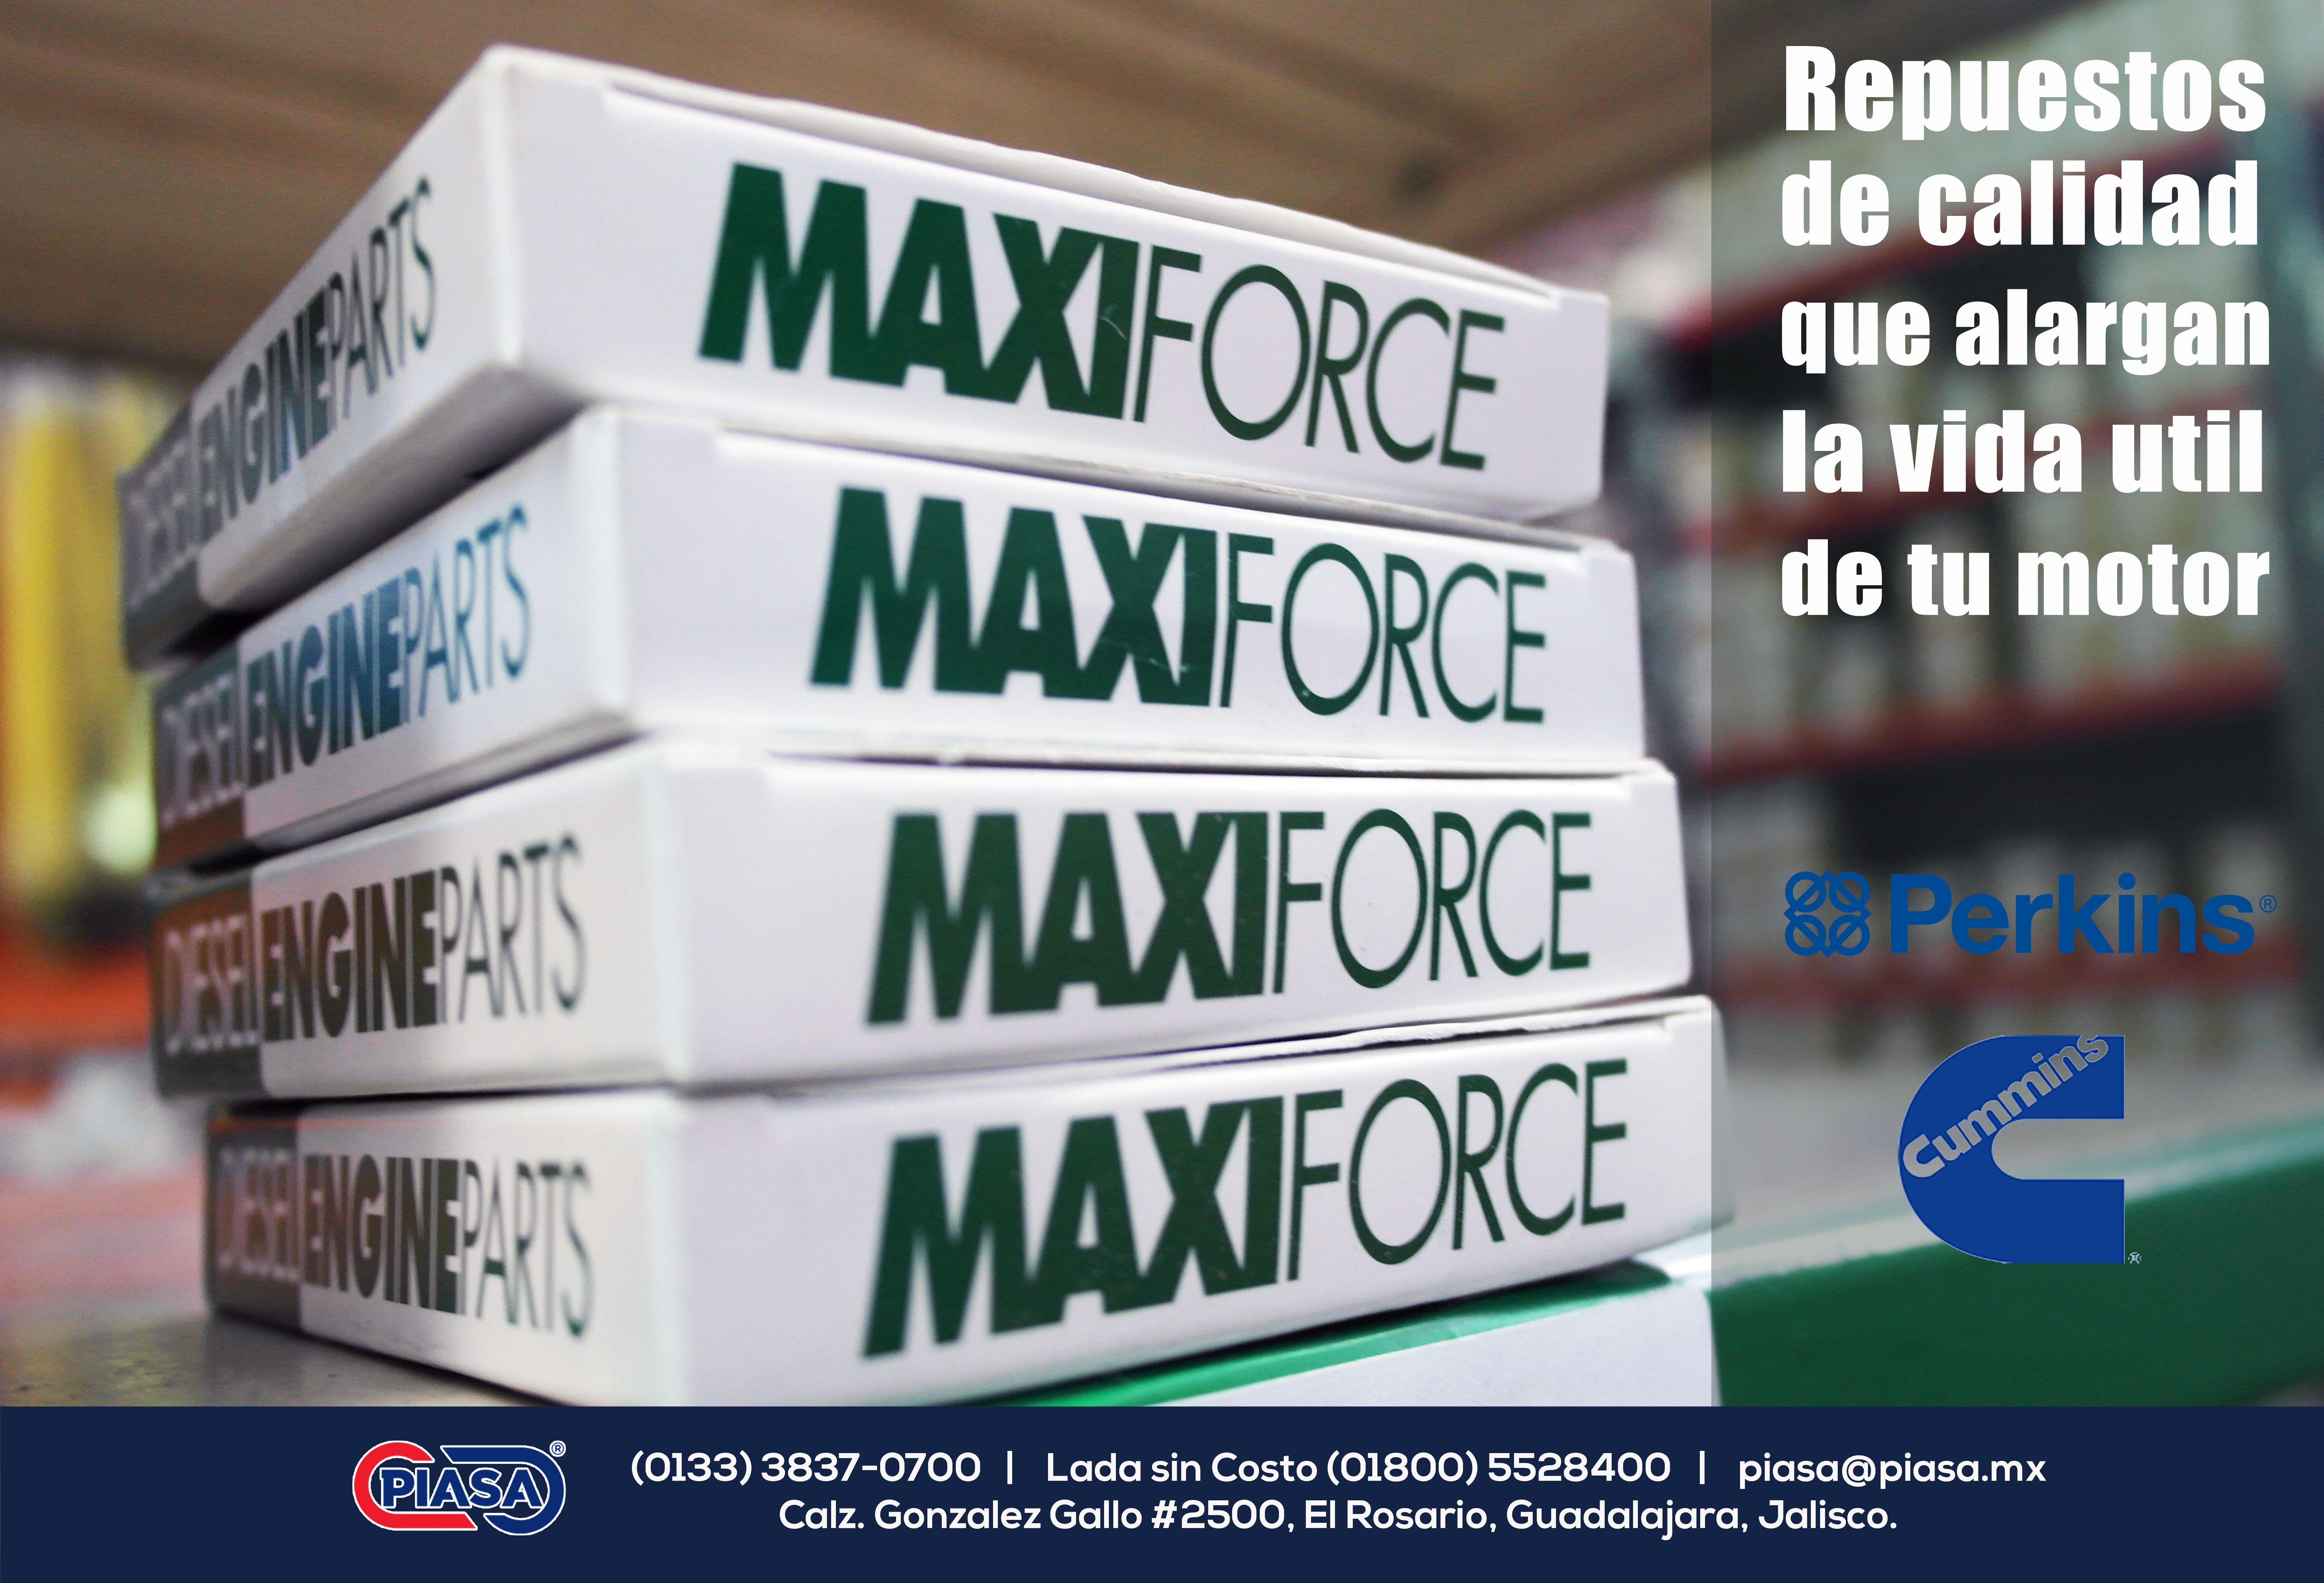 #REFACCIONES #MAXIFORCE